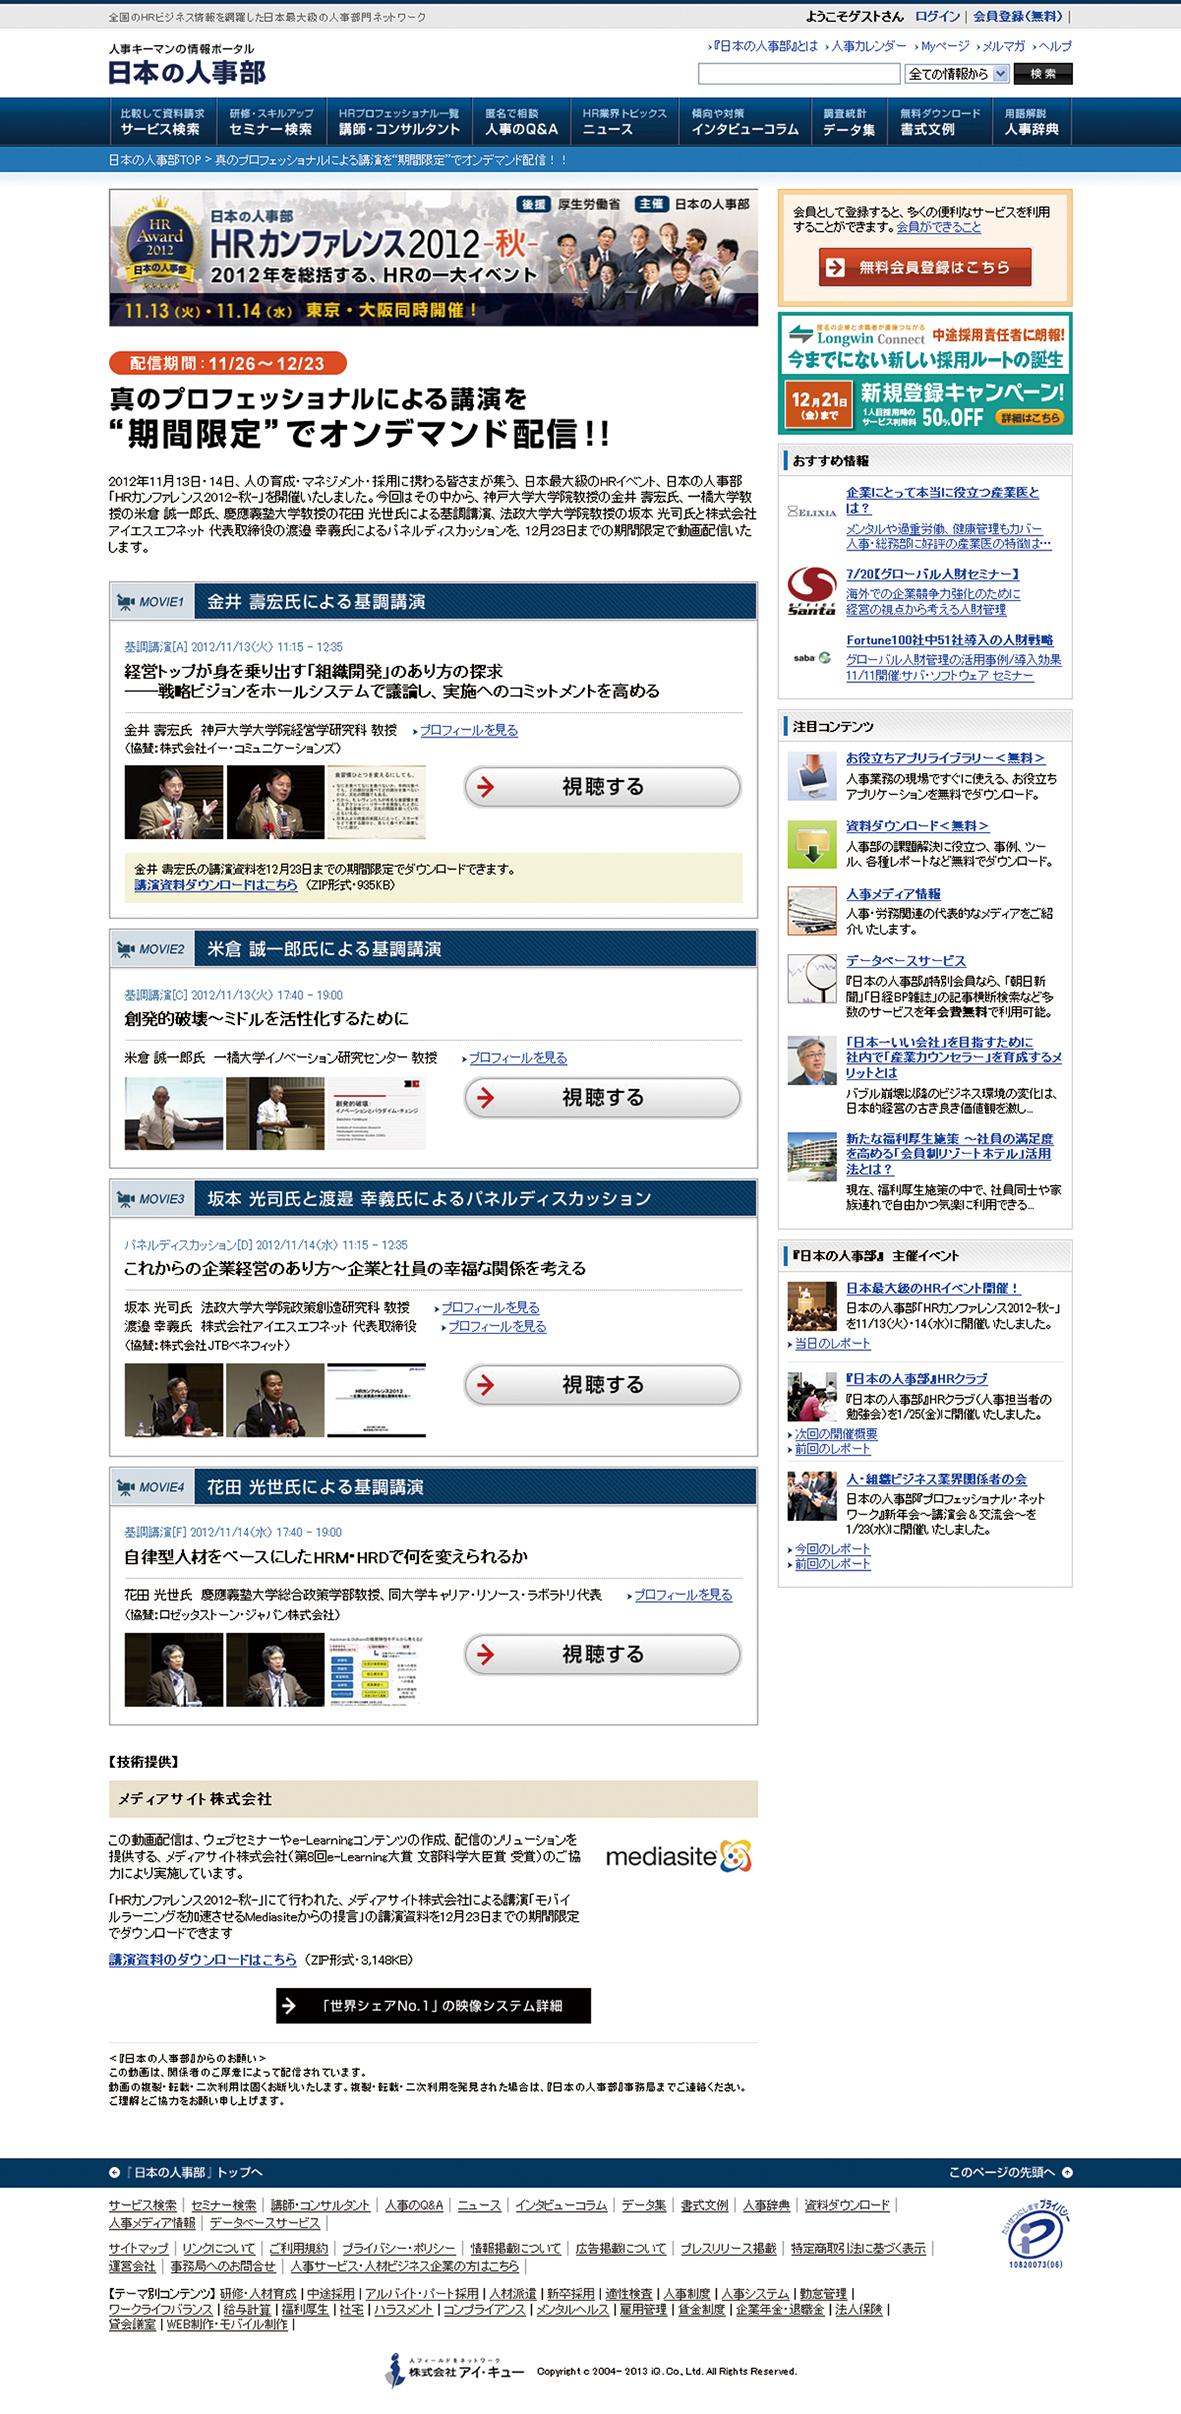 『日本の人事部』オンデマンド配信ページ